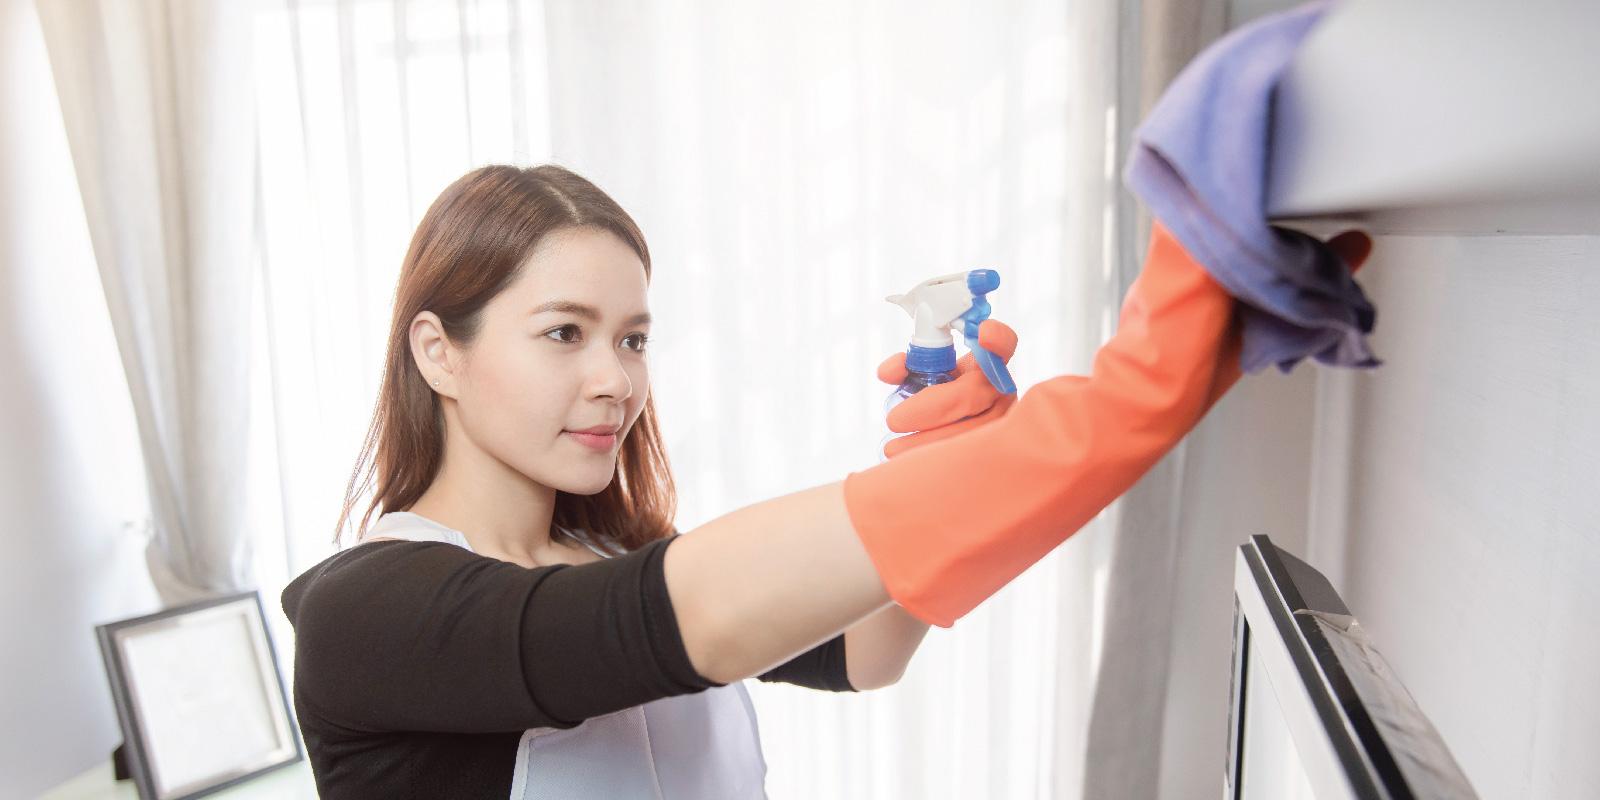 น้ำยาทำความสะอาดฆ่าเชื้อโรค ไอเทมที่ต้องมีติดบ้าน ในยุค 2021